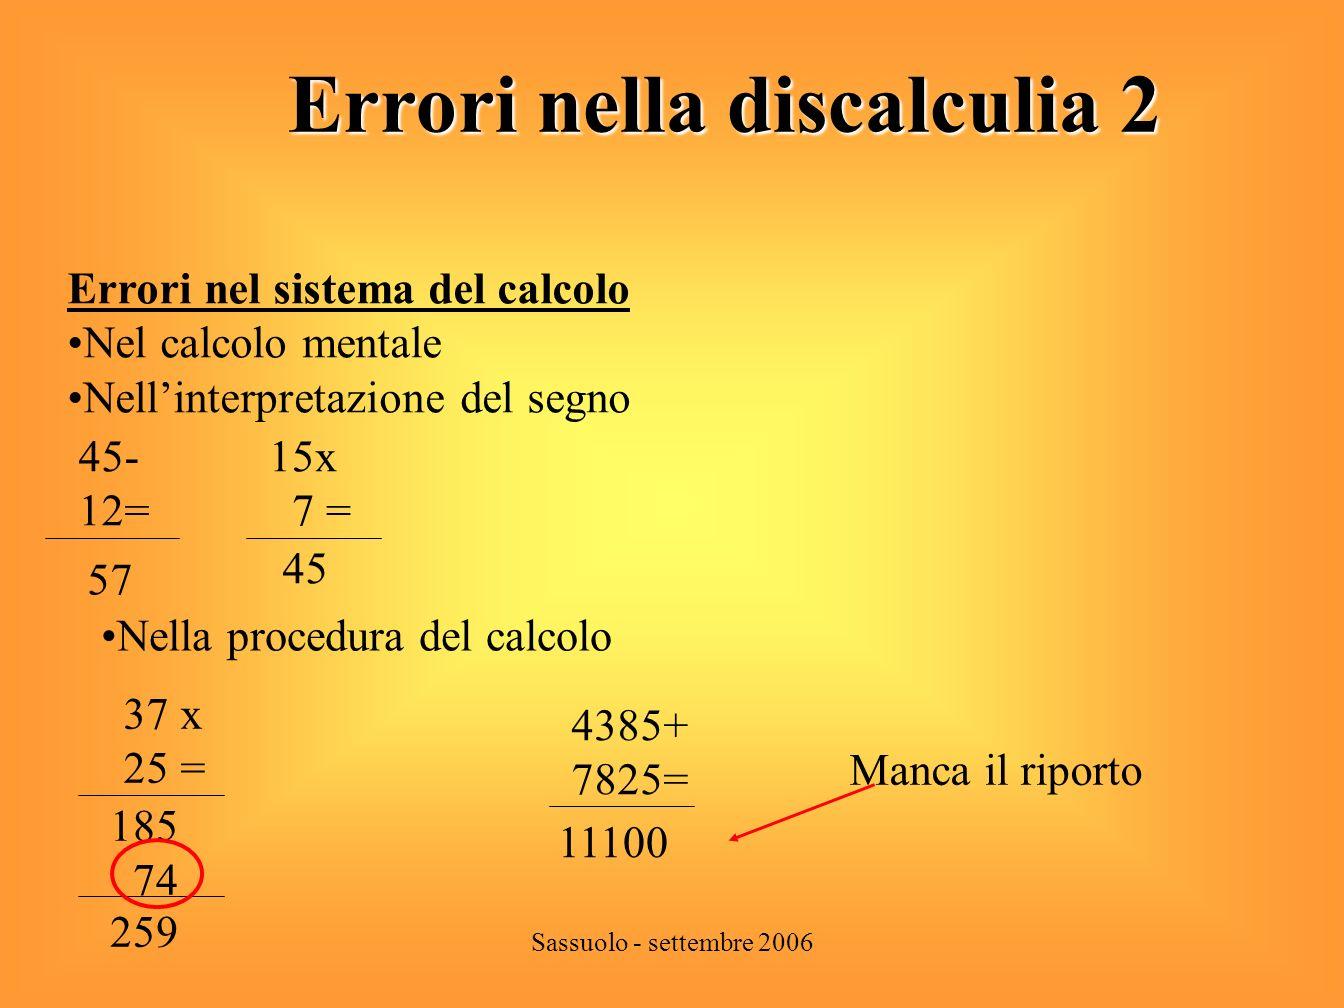 Sassuolo - settembre 2006 Errori nella discalculia 3 Nellincolonnamento Errori nel sistema del calcolo 325+ 412= 3662 Nei fatti aritmetici Rottura dissociata fra sistema dei numeri e sistema del calcolo ed anche tra sub funzioni es.